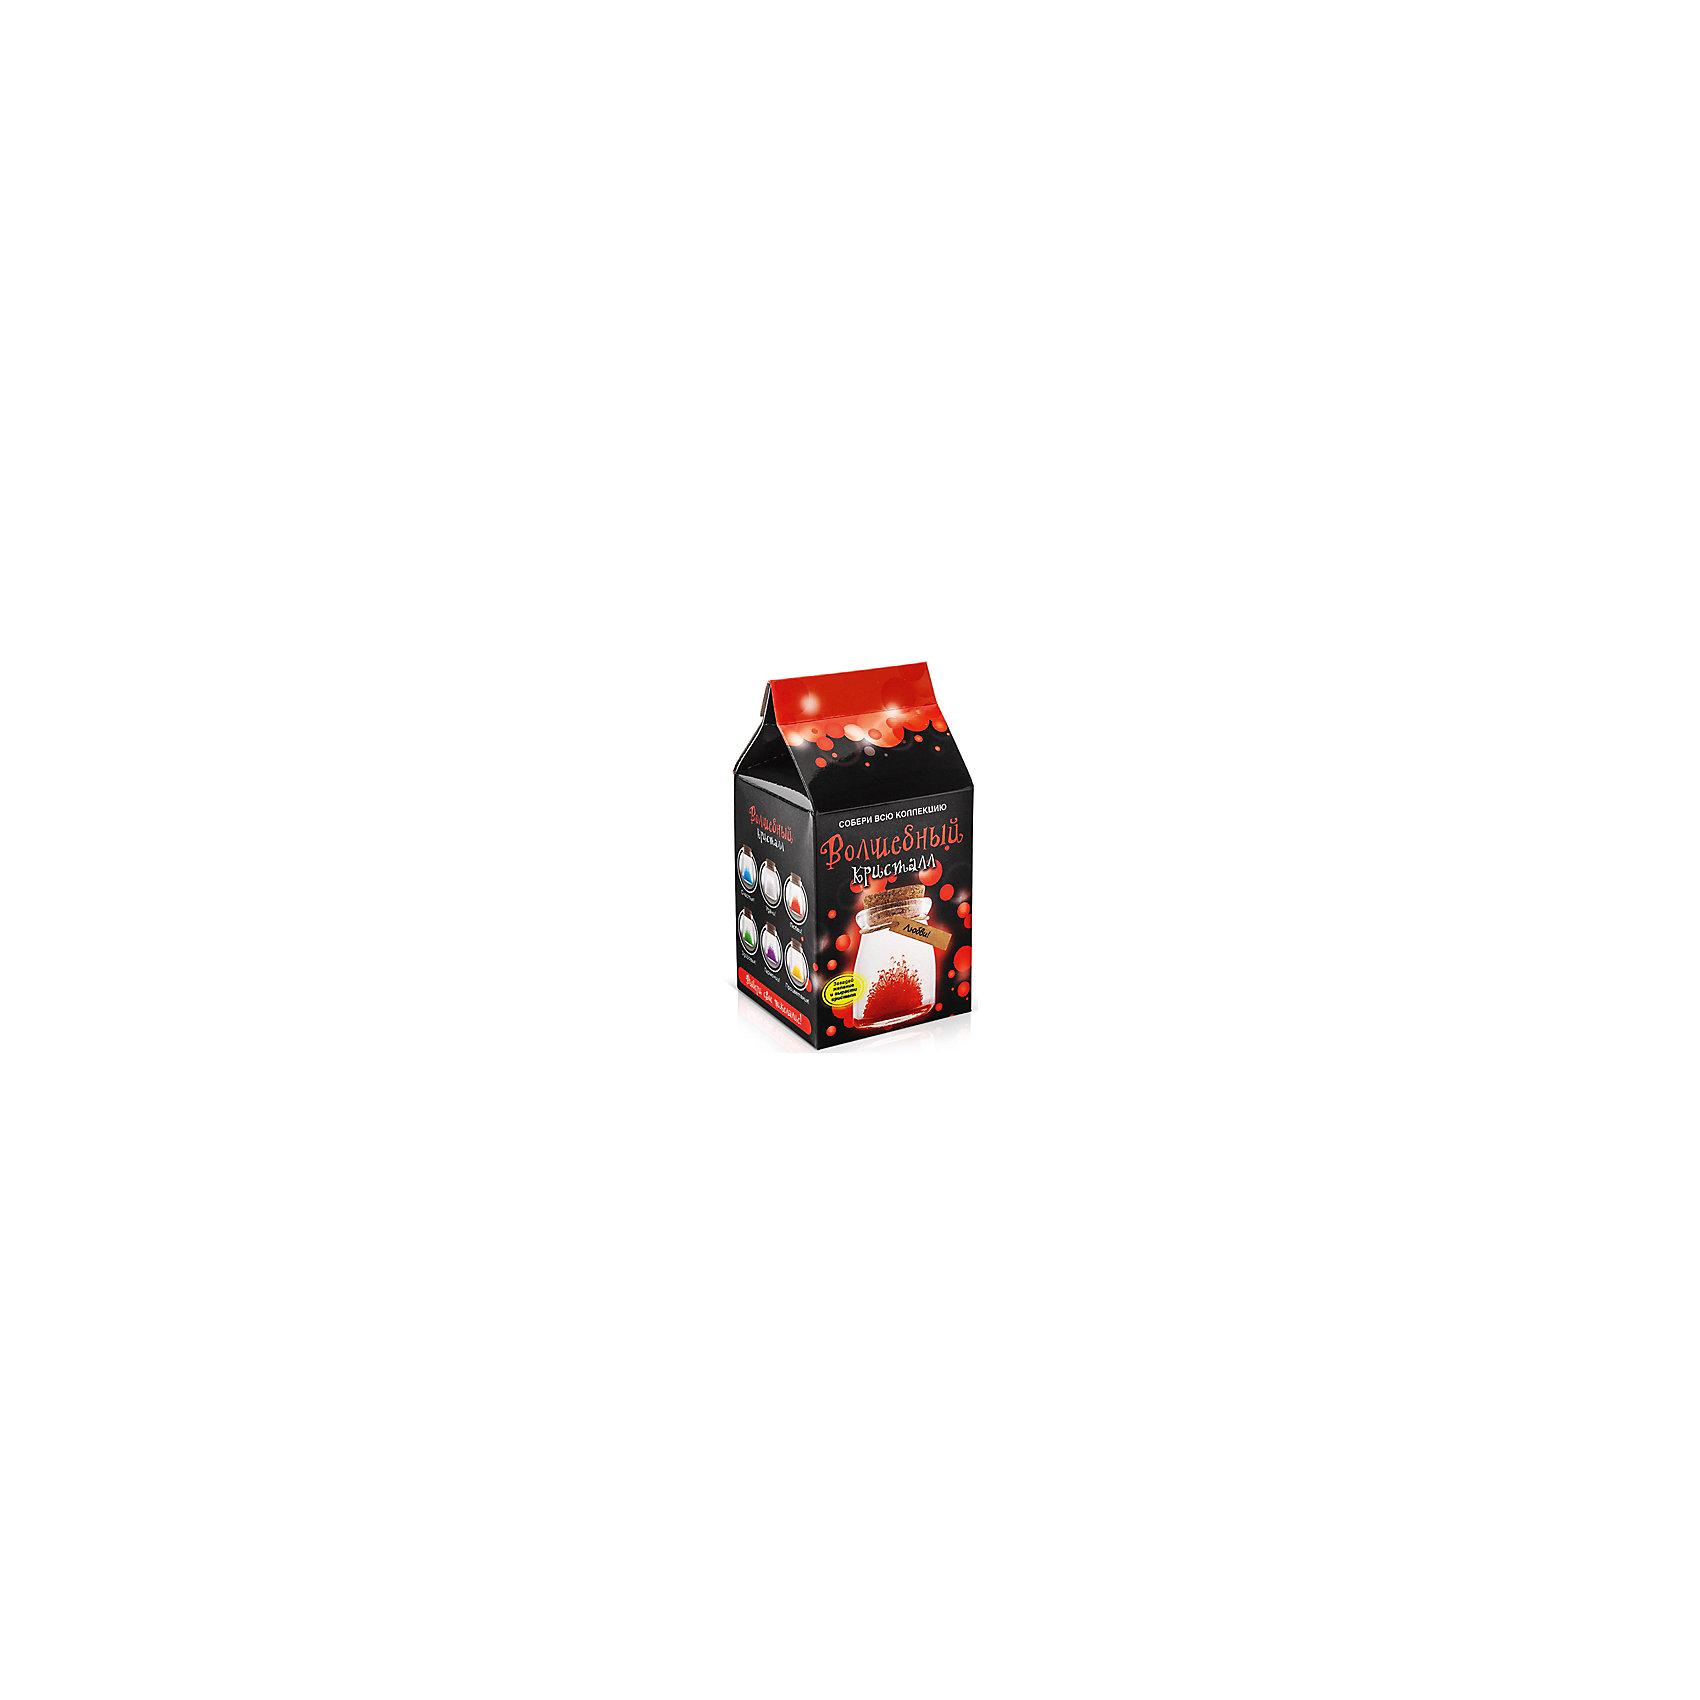 Набор для выращивания кристаллов Кристалл с пожеланием Любви БумбарамКристаллы<br>Кристалл с пожеланием Любви, Бумбарам.<br><br>Характеристики:<br><br>• кристалл в красивой подарочной упаковке<br>• этикетка с пожеланием<br>• легко создать<br>• безопасные материалы<br>• пошаговая инструкция<br>• в наборе: баночка, кристаллический порошок, кристаллическая таблетка, палочка, веревочка, пробка, карточка, инструкция<br>• размер упаковки: 15х8 см<br>• вес: 250 грамм<br>• цвет: красный<br><br>Хотите создать оригинальный подарок своими руками? Кристалл с пожеланием Любви отлично справится с этой задачей. Этот набор безопасен и очень прост в использовании. Всыпьте порошок в баночку, добавьте воды, тщательно перемешайте и опустите в готовый раствор таблетку. Через 14 часов можно открыть крышку и уже через некоторое время прекрасная композиция будет готова. Вам останется только закрыть крышку и прикрепить веревочку с карточкой. Химический опыт закончен - прекрасный подарок готов!<br><br>Кристалл с пожеланием Любви, Бумбарам вы можете купить в нашем интернет-магазине.<br><br>Ширина мм: 75<br>Глубина мм: 75<br>Высота мм: 150<br>Вес г: 250<br>Возраст от месяцев: 168<br>Возраст до месяцев: 240<br>Пол: Унисекс<br>Возраст: Детский<br>SKU: 5053943